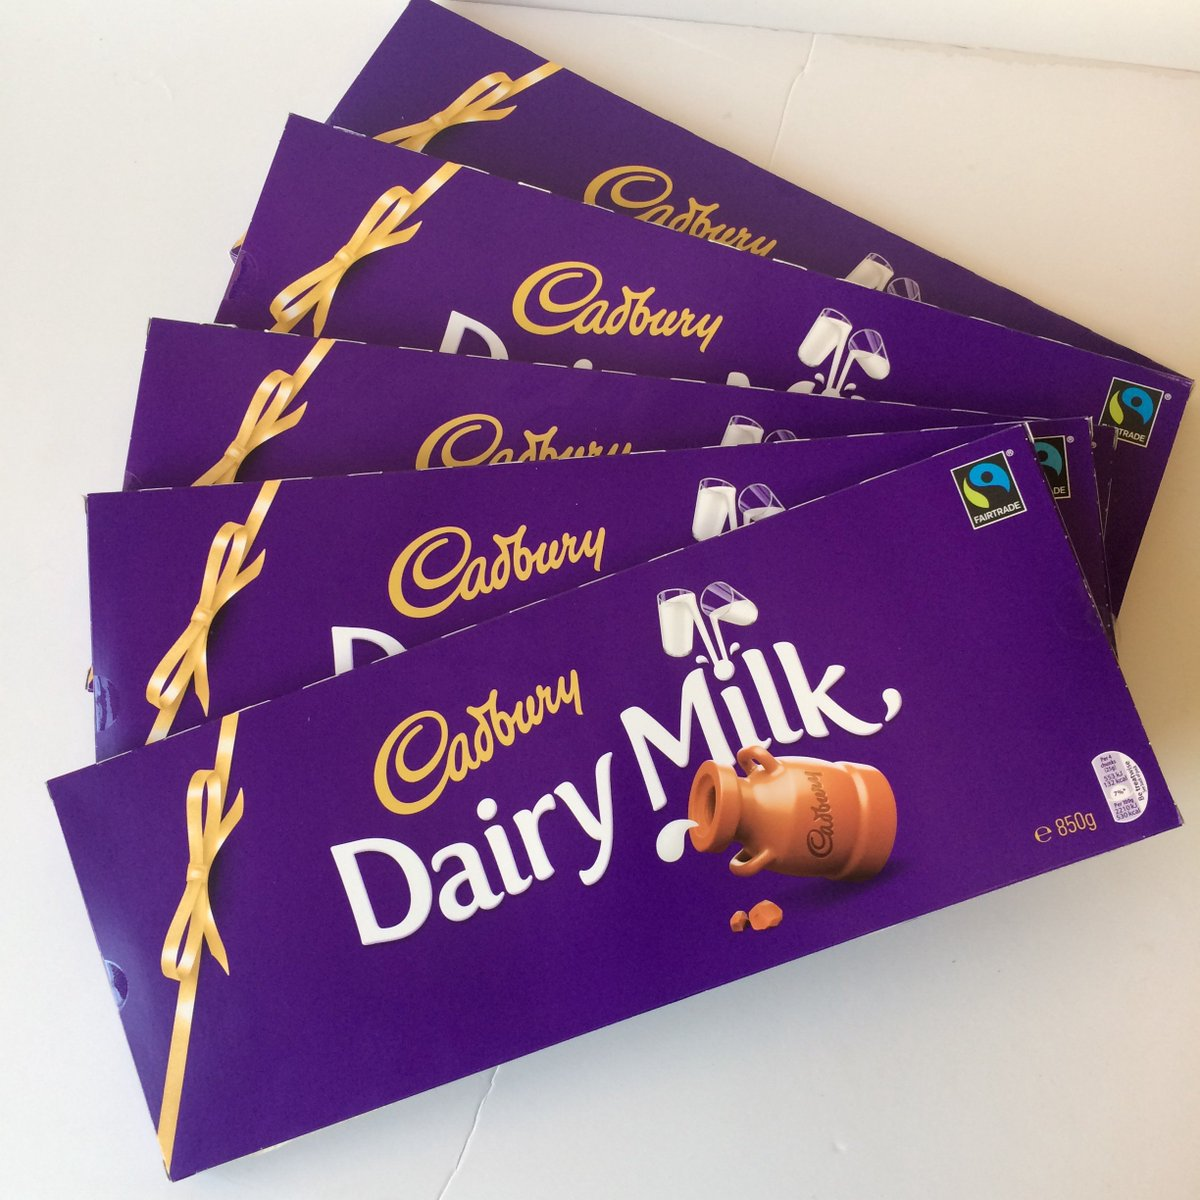 #FRIDAYFREEBIE! #WIN 1 of 5 850g Cadbury Chocolate Bars worth £5.99 by RTing before 23.59 tonight! T&C's apply https://t.co/AOW9BiFzmU